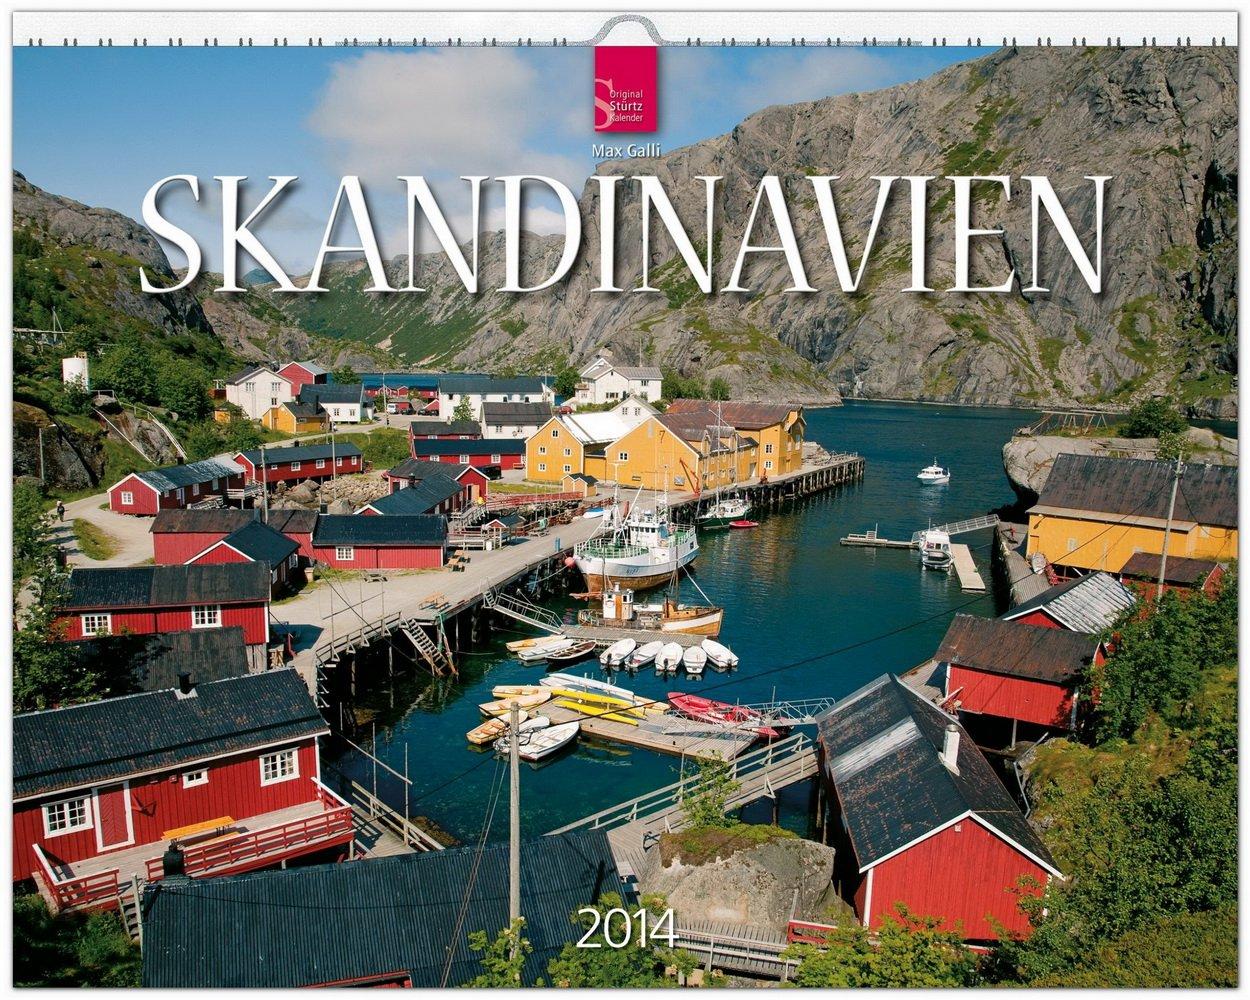 Skandinavien 2014 [Norwegen - Schweden - Finnland]: Original Stürtz-Kalender - Großformat-Kalender 60 x 48 cm [Spiralbindung]